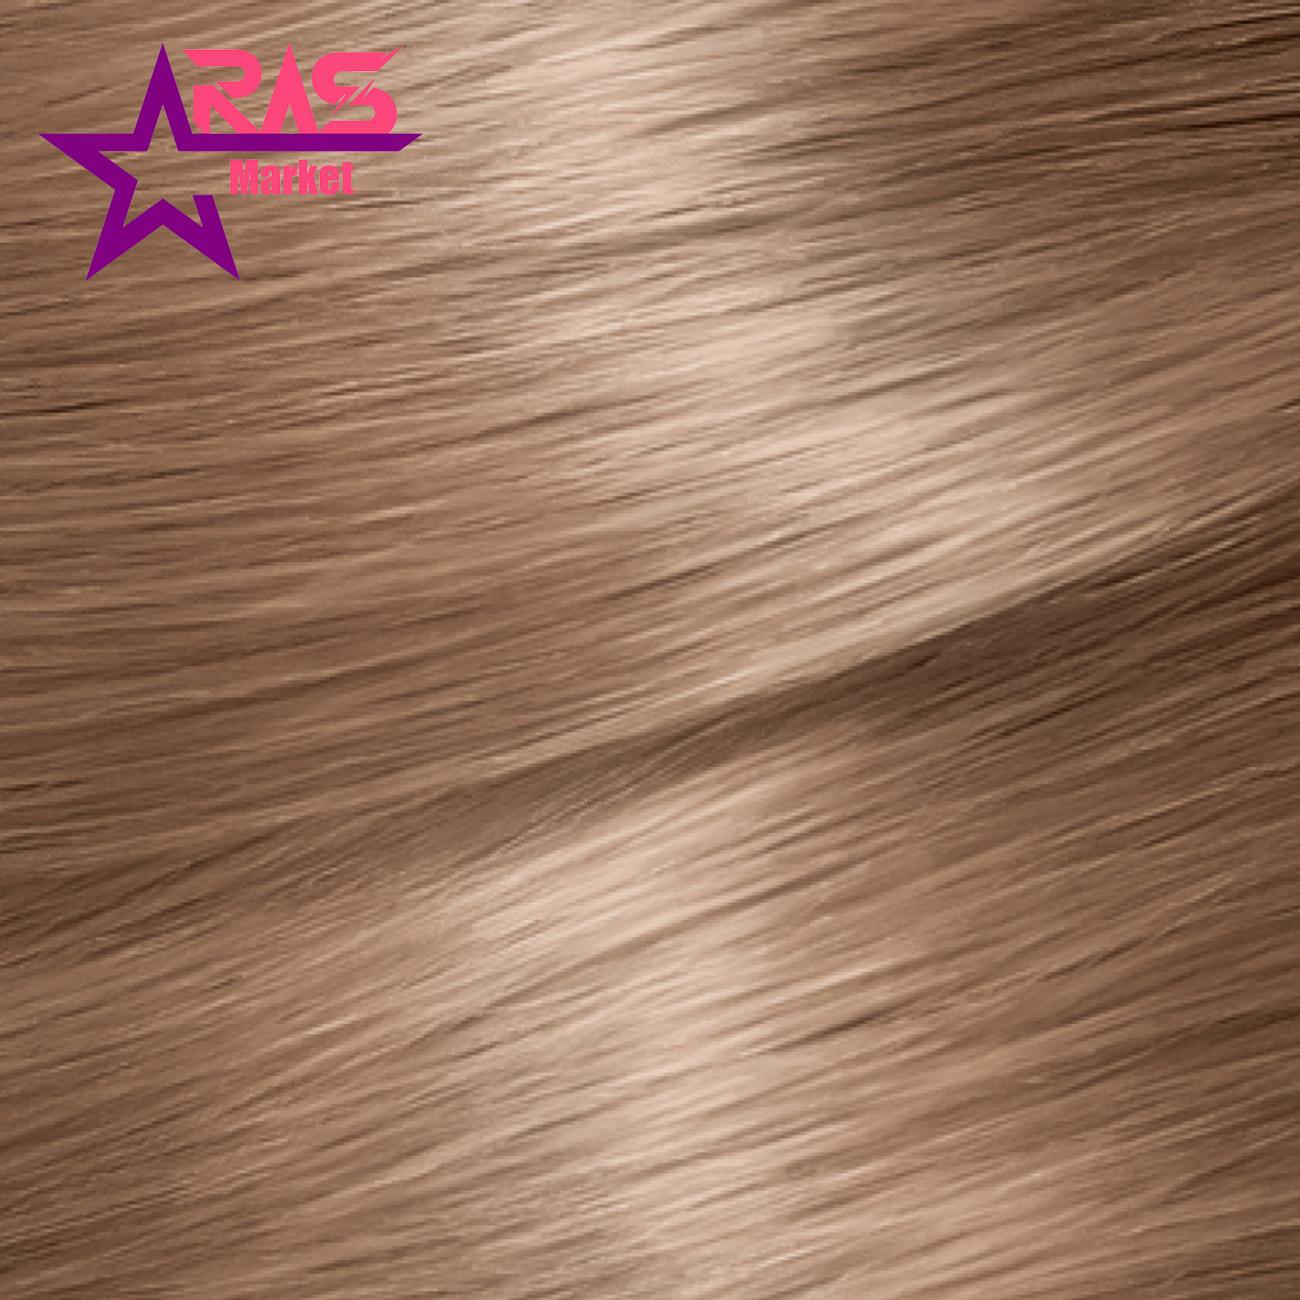 کیت رنگ مو گارنیر سری Color Naturals شماره 7.1 ، فروشگاه اینترنتی ارس مارکت ، رنگ موی زنانه گارنیر